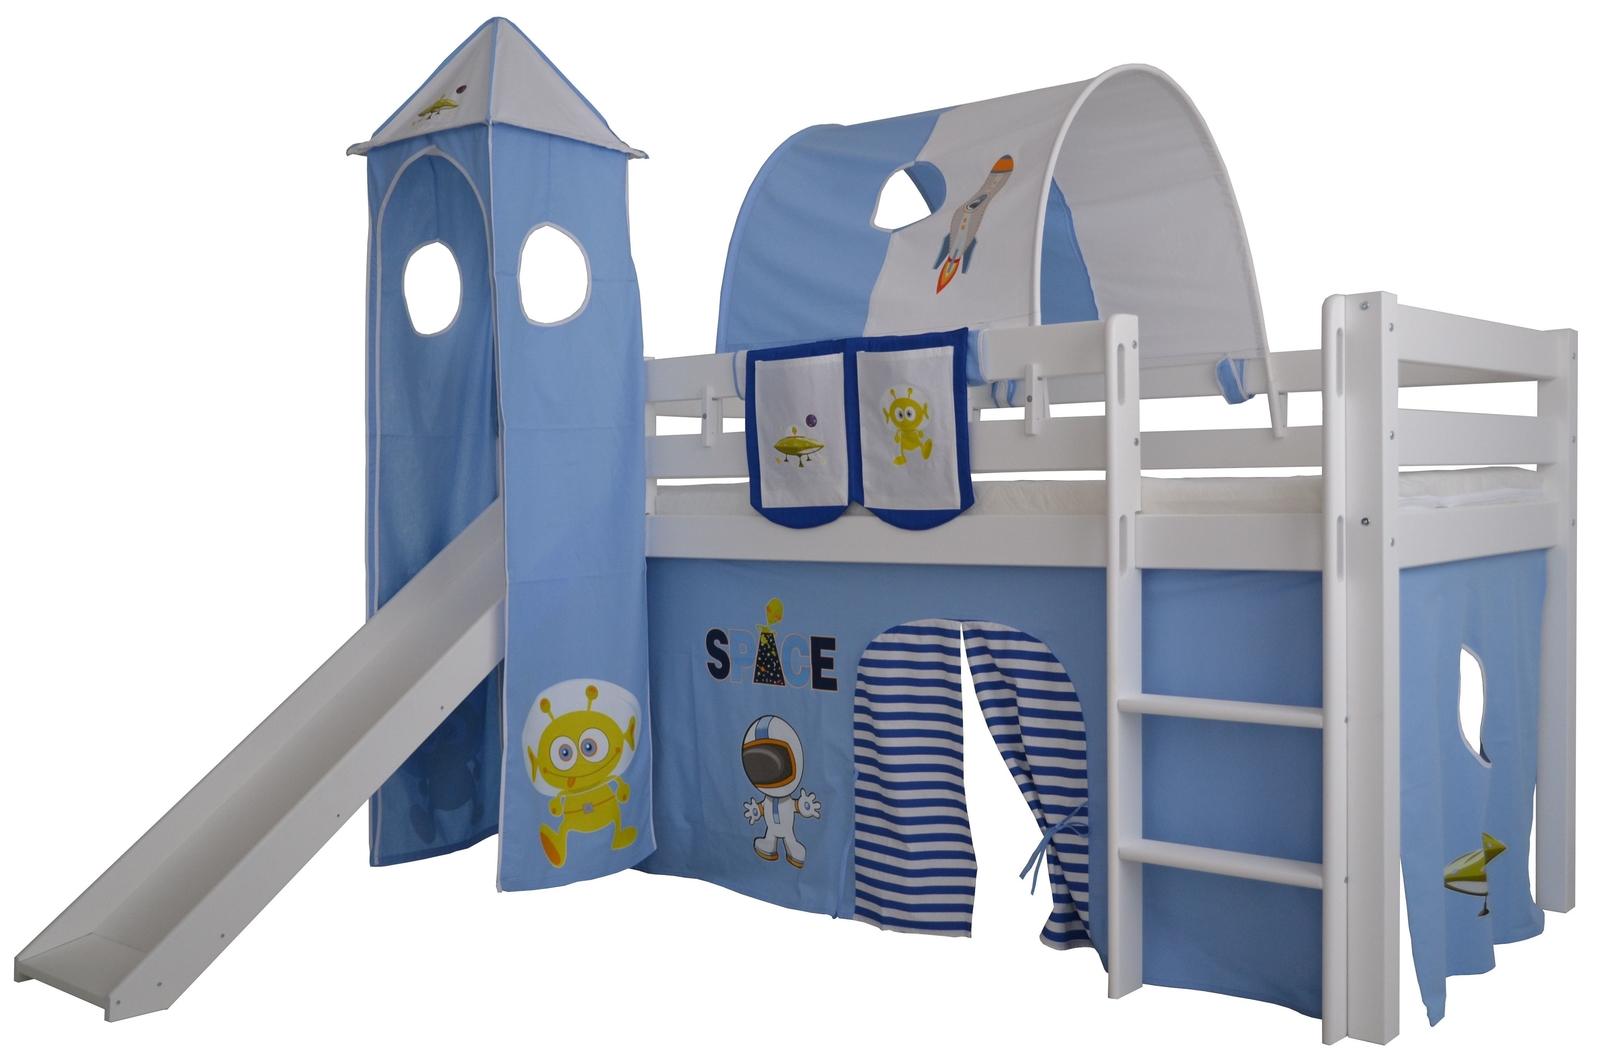 Halbhohes Kinder Abenteuerbett Space Massivholz mit Leiter und Rutsche, Bild 2